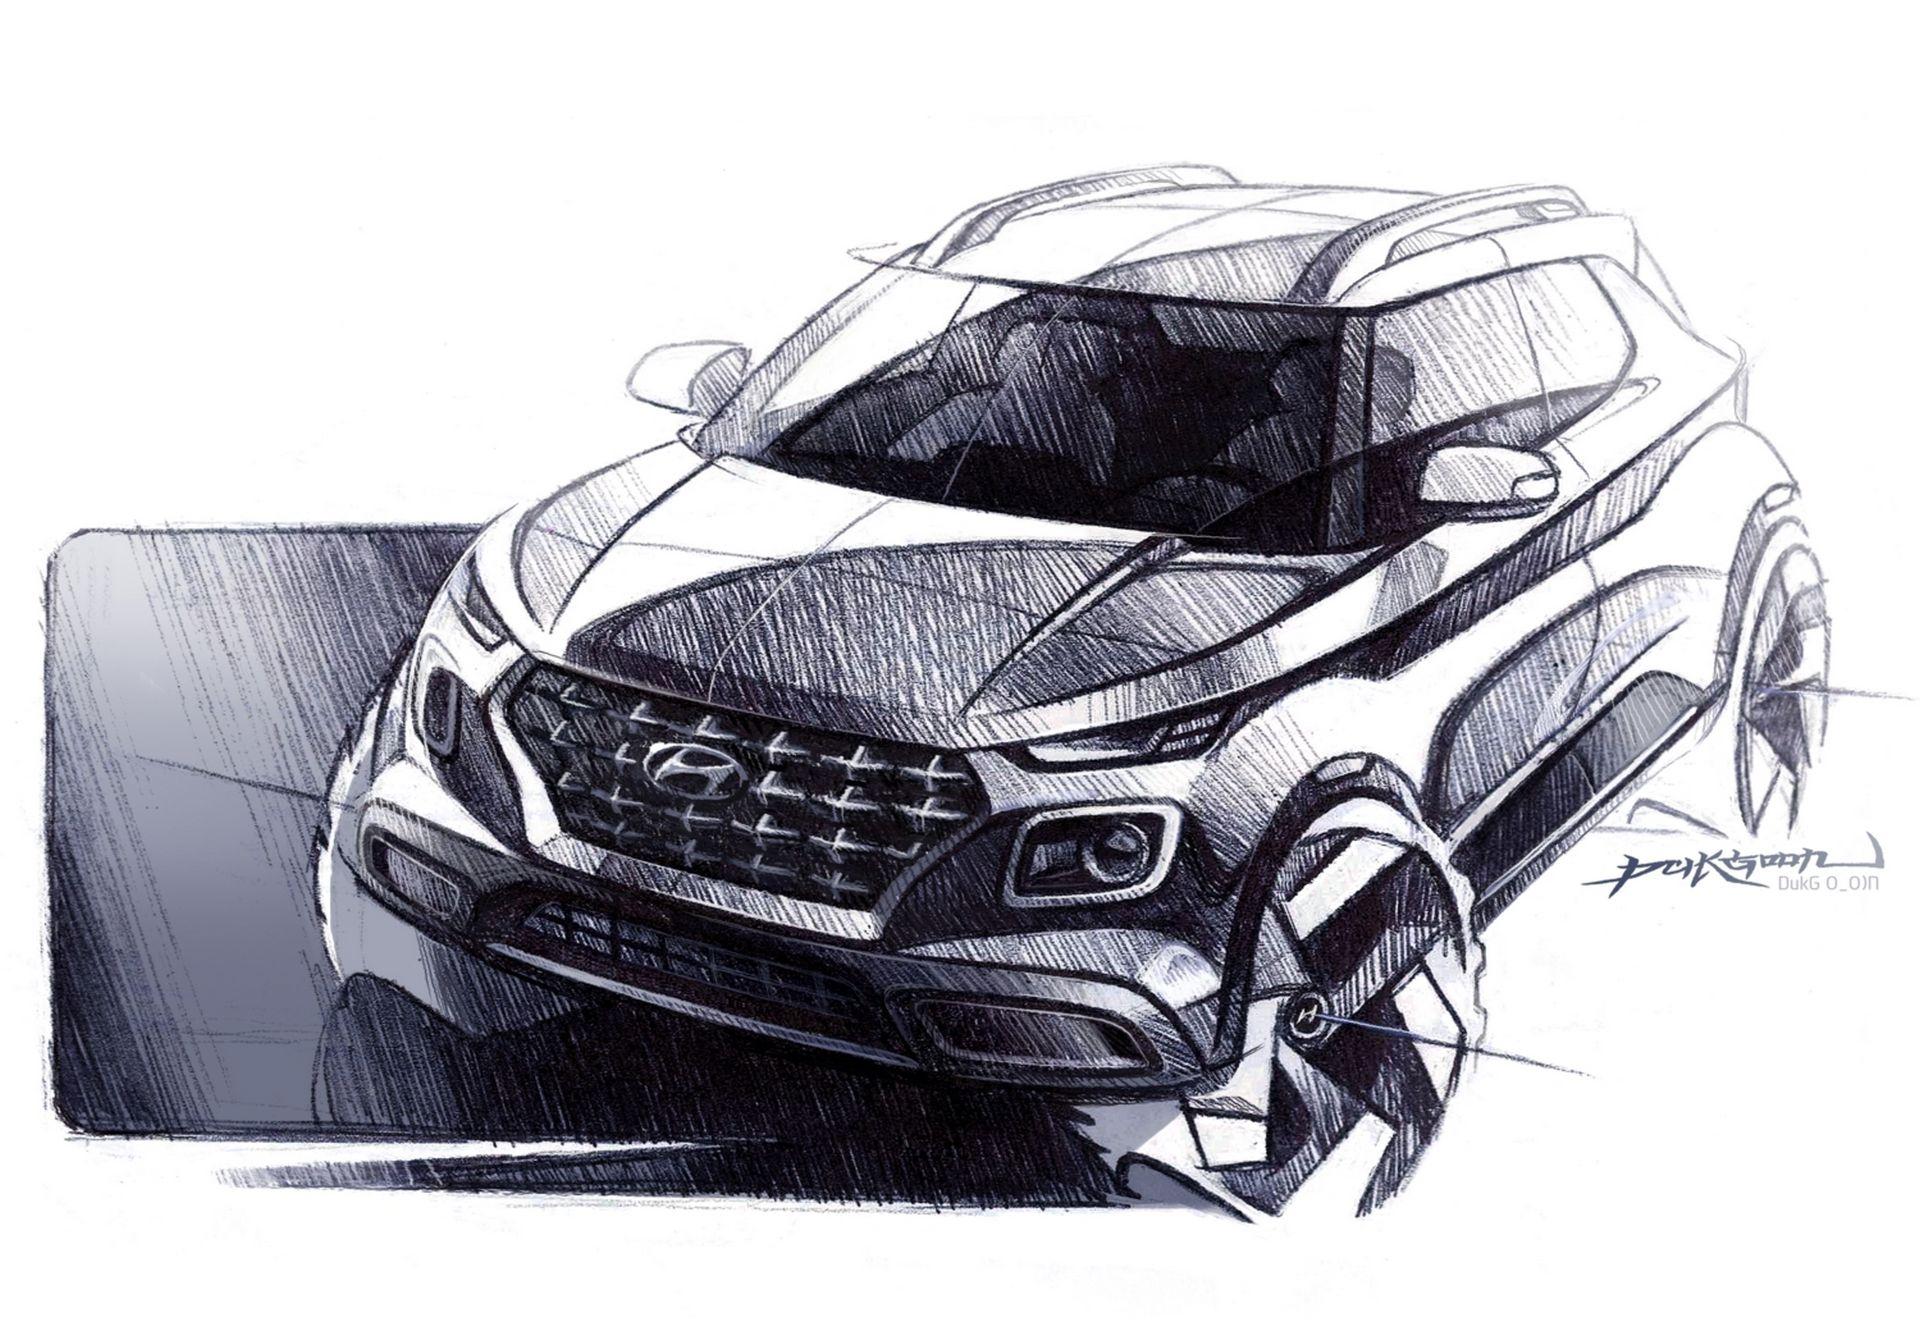 Hyundai откри детали за својот најмал кросовер / ФОТО